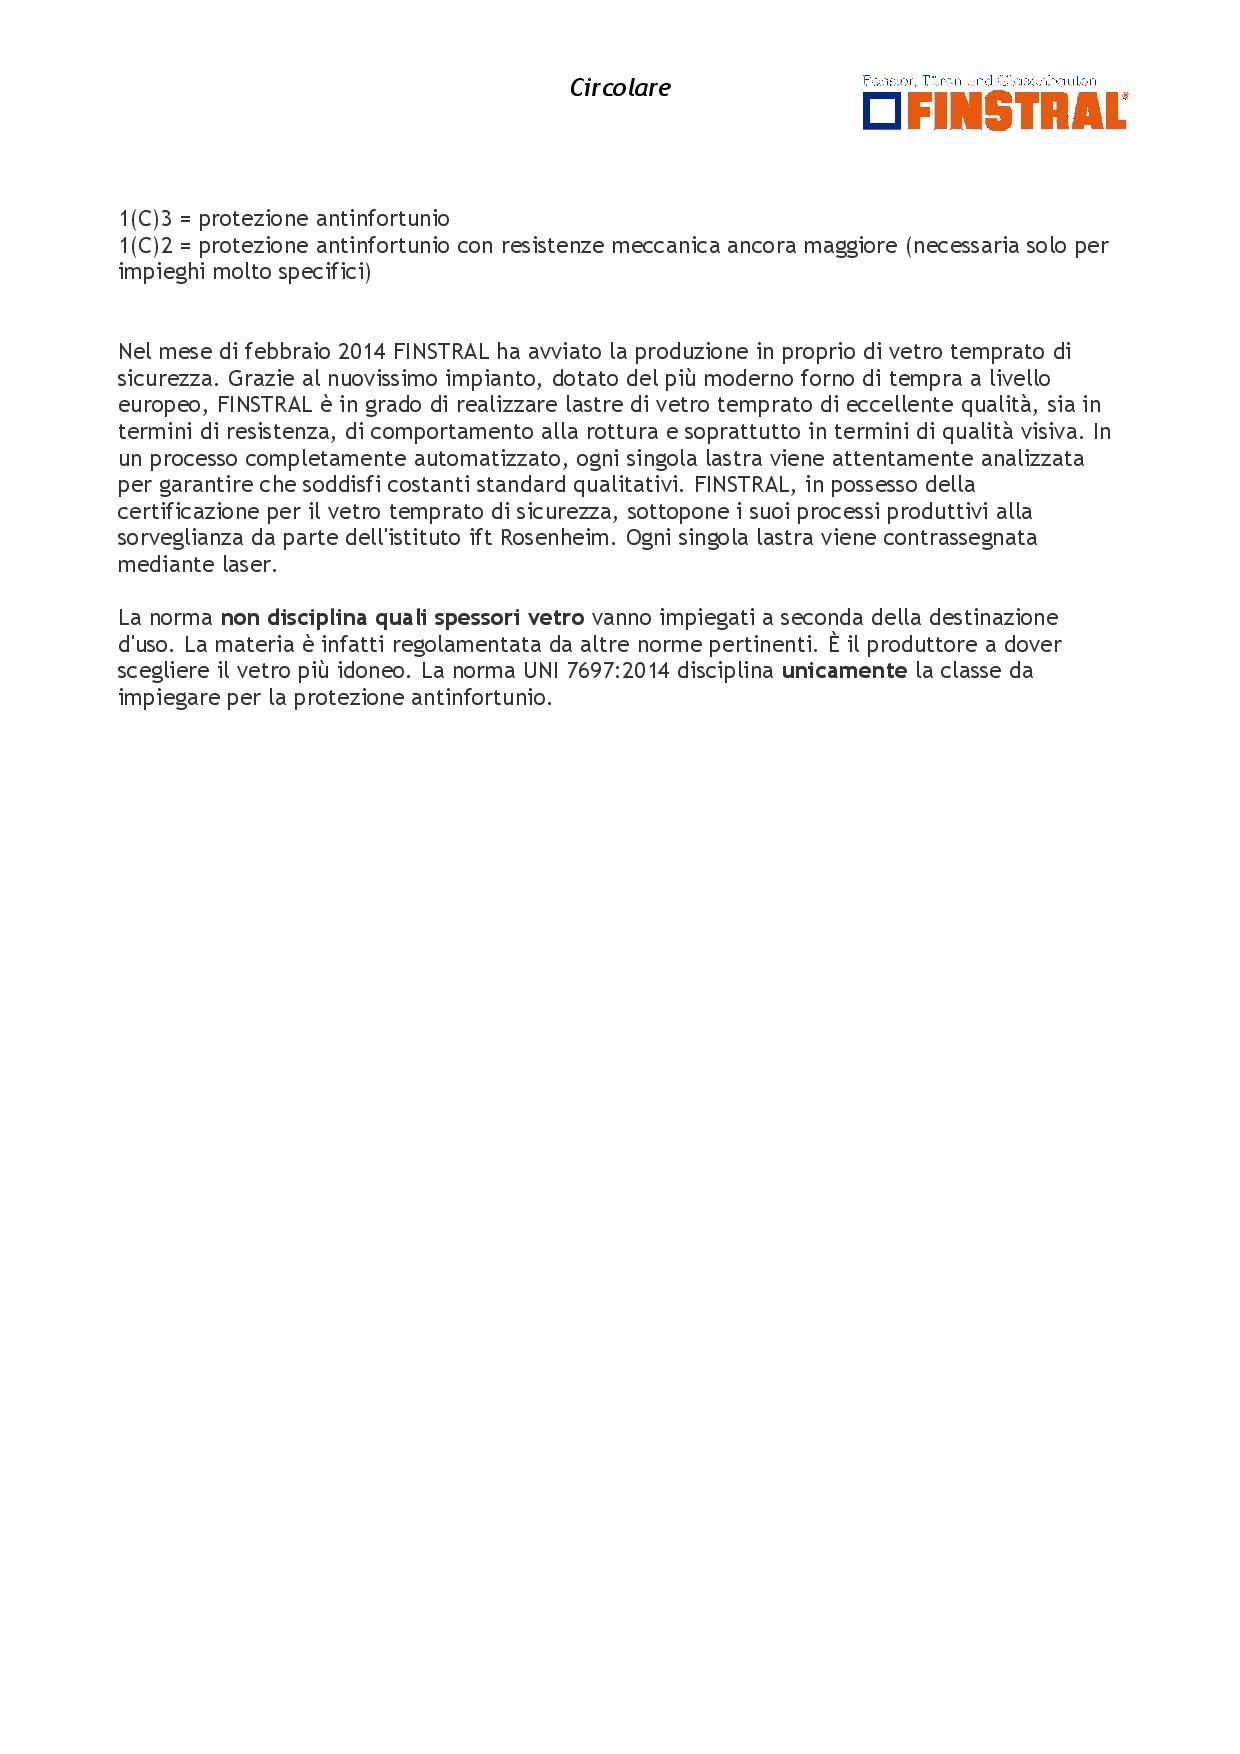 Revisione Norma UNI 7697_IT-page-003